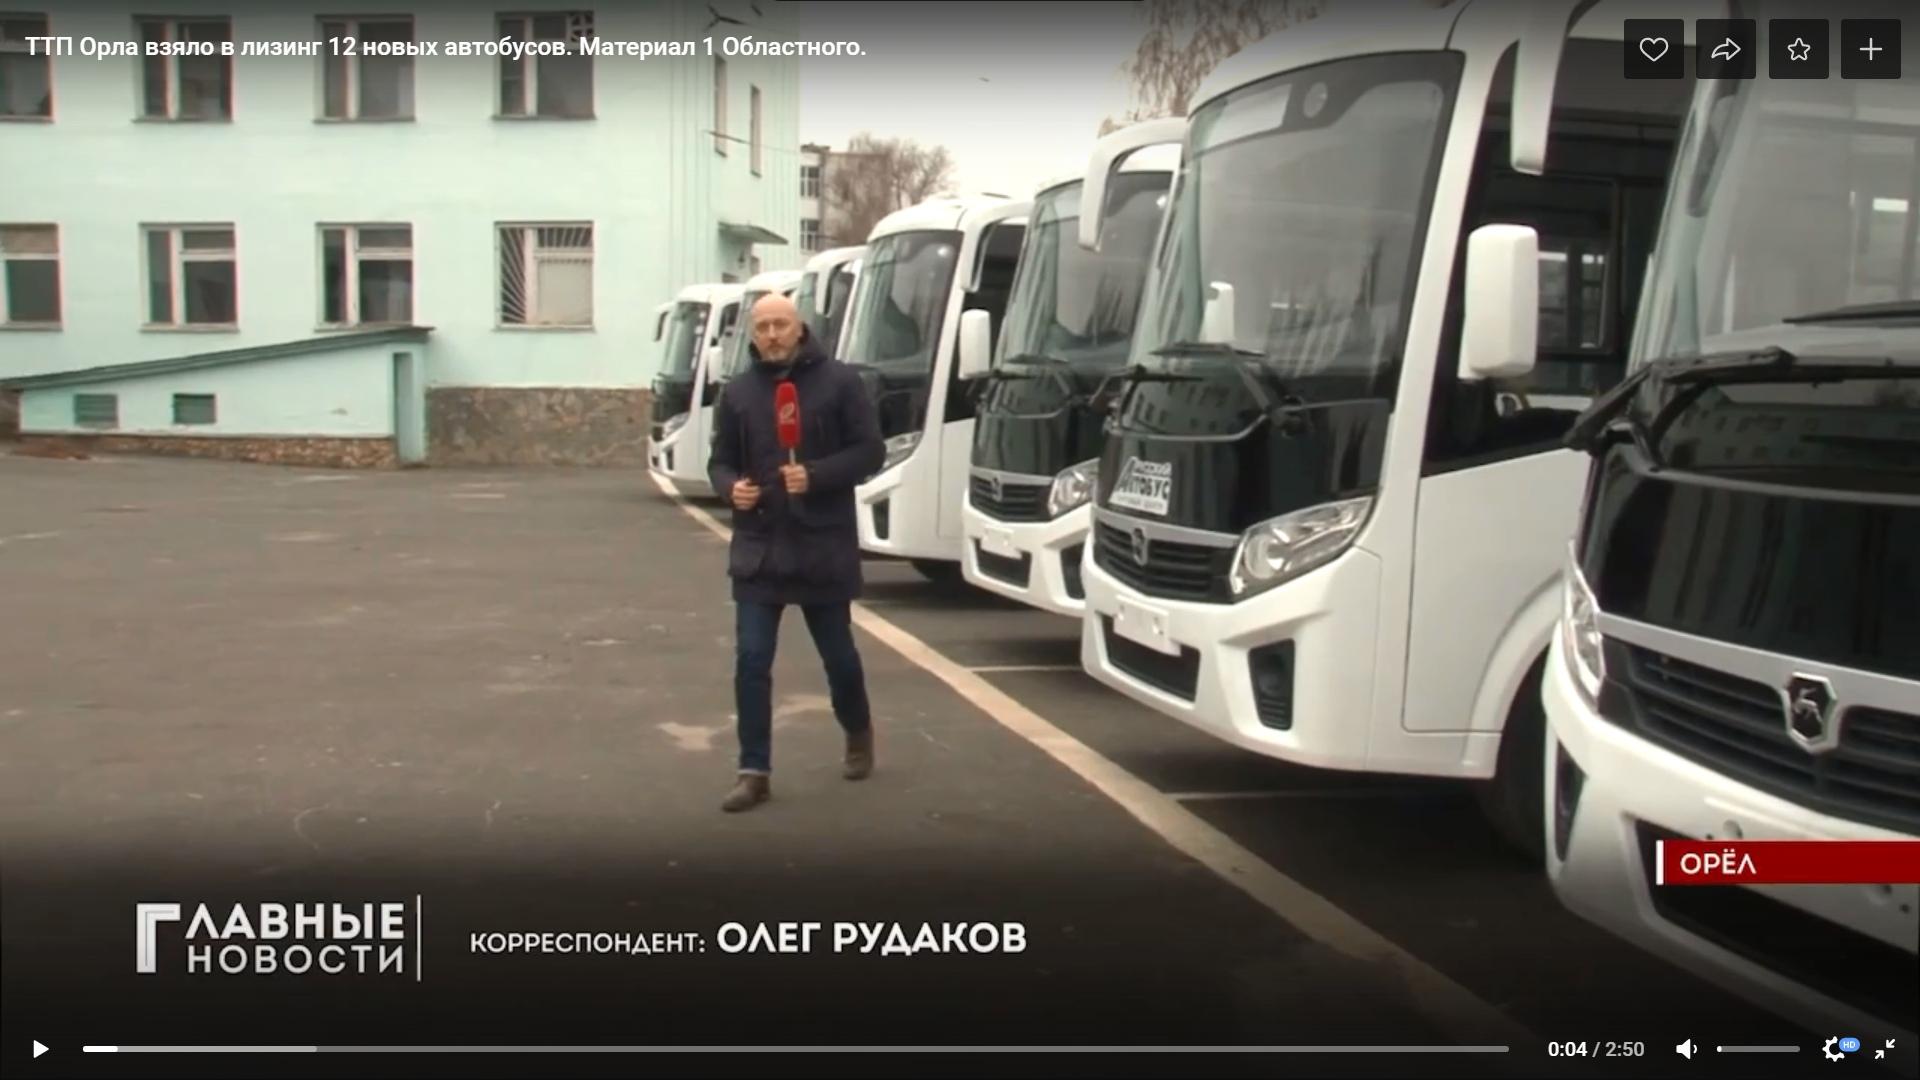 ТТП Орла взяло в лизинг 12 новых автобусов